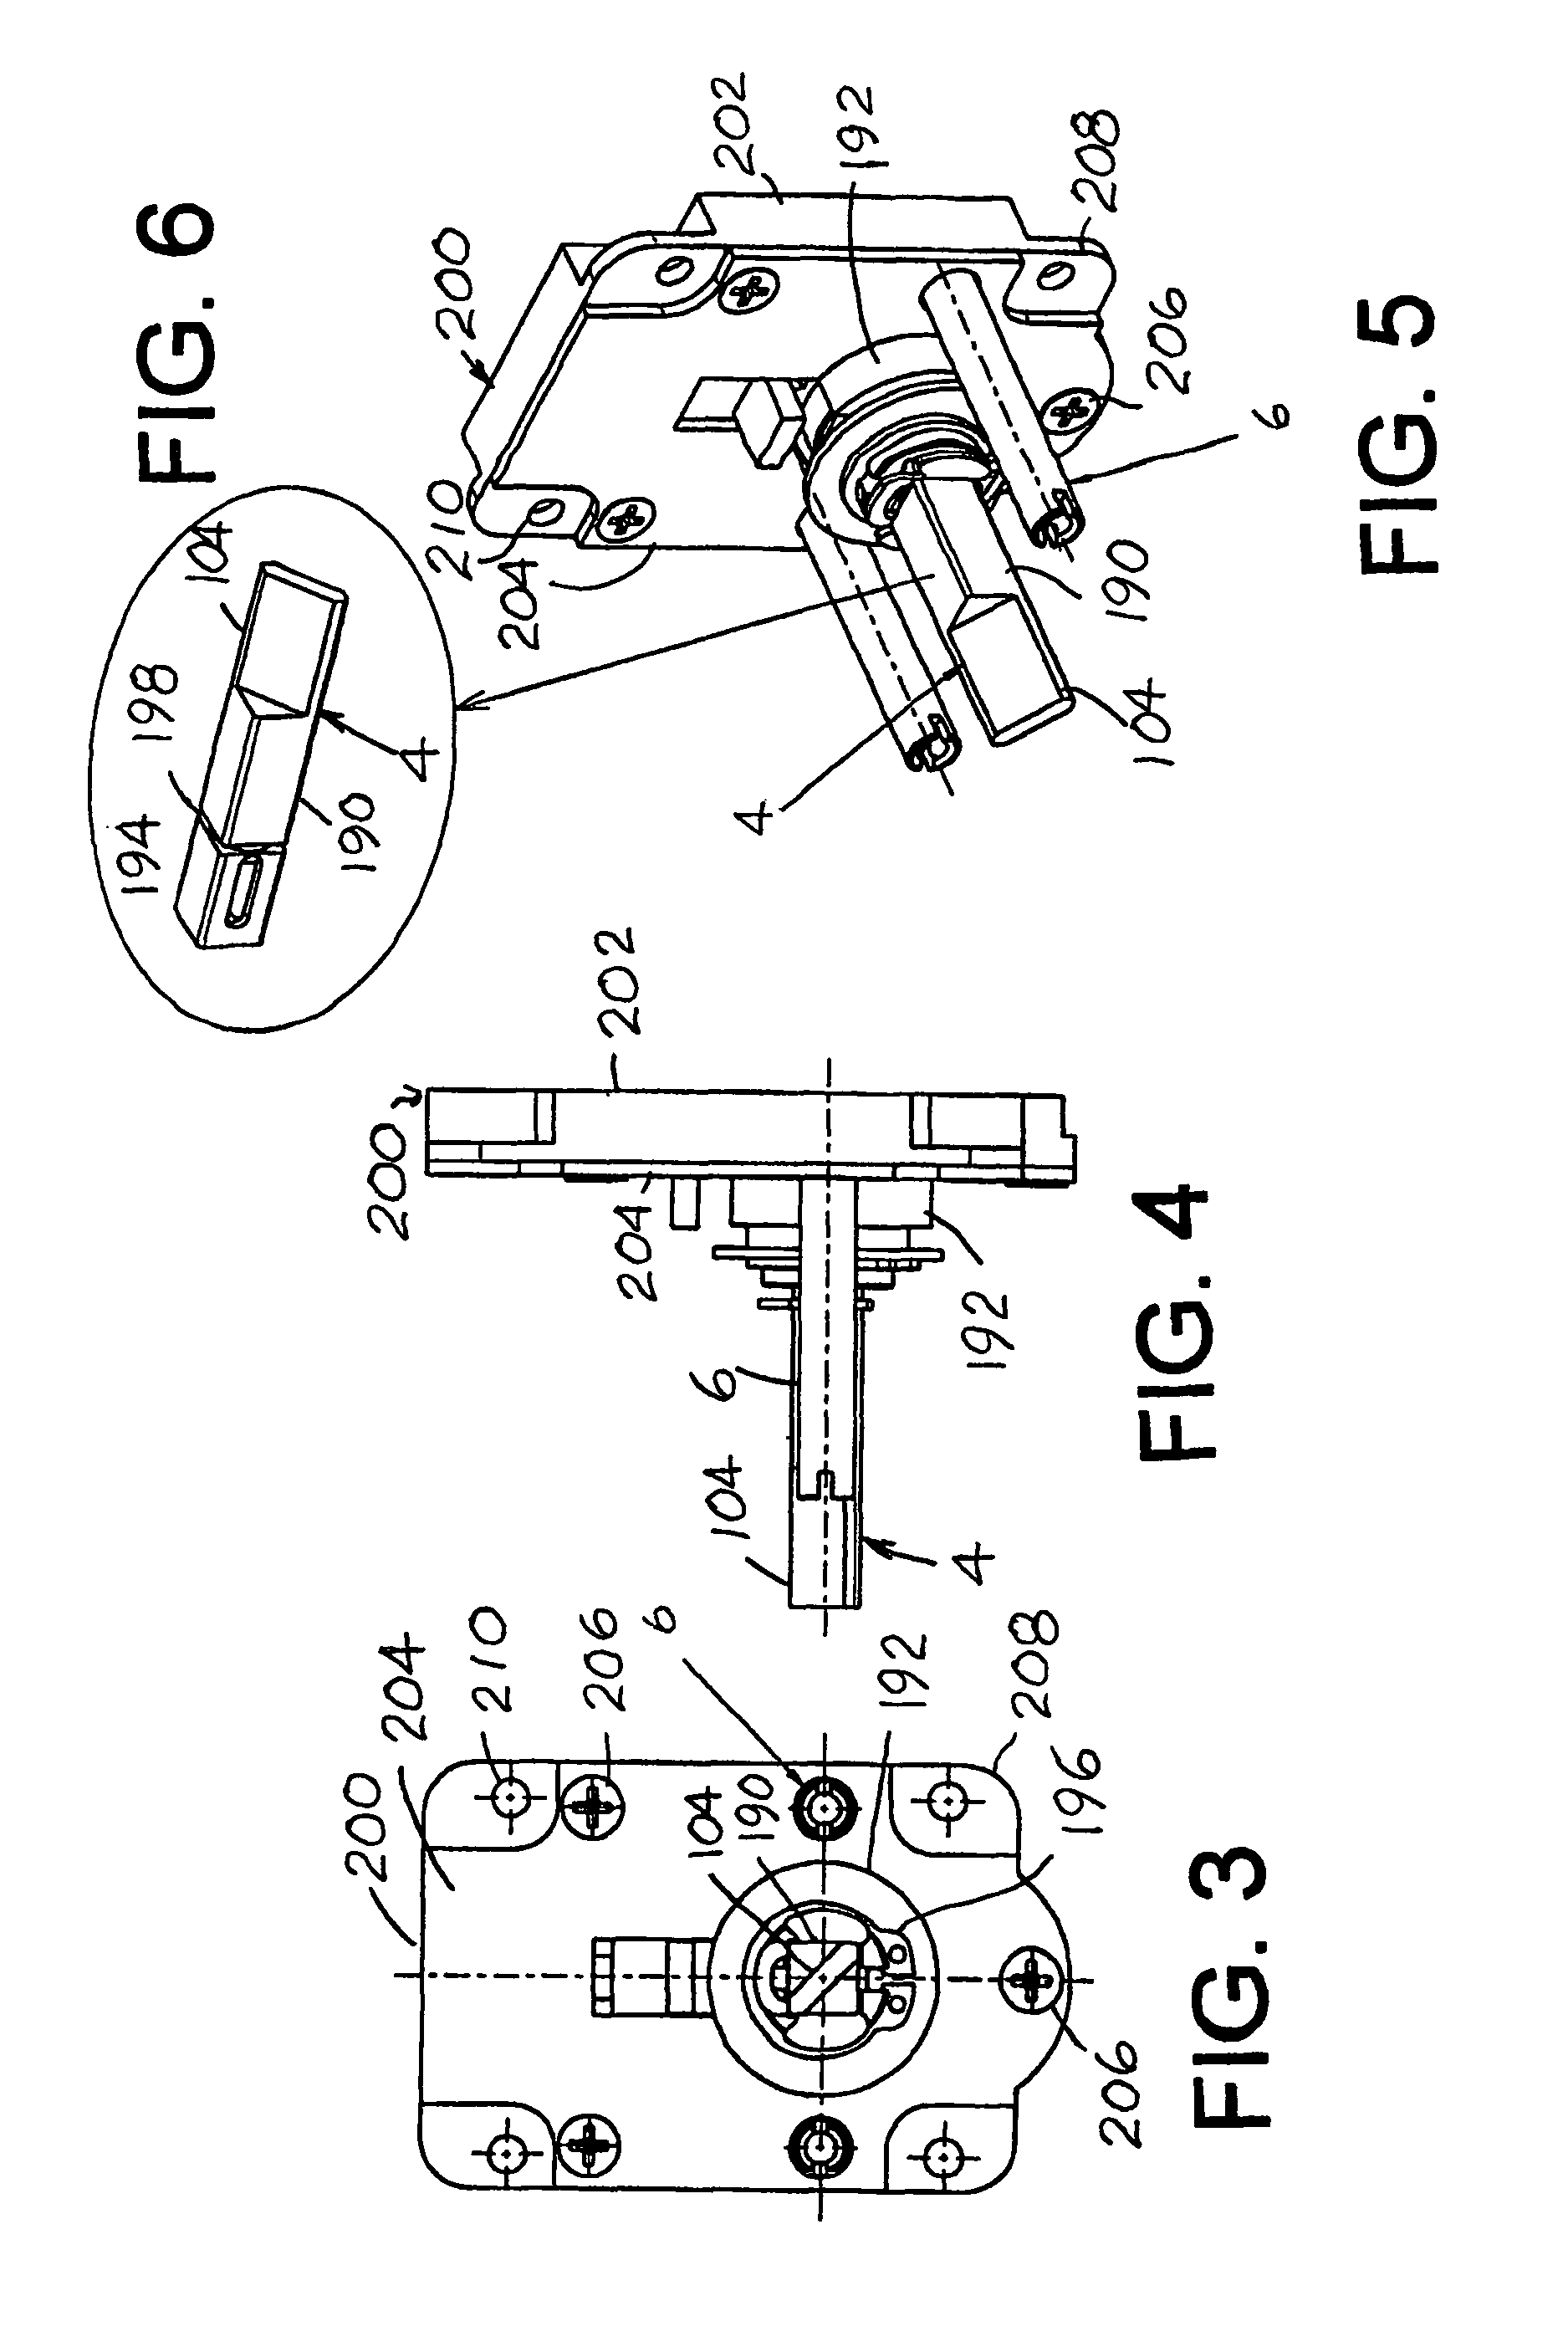 auto dialer wiring diagram